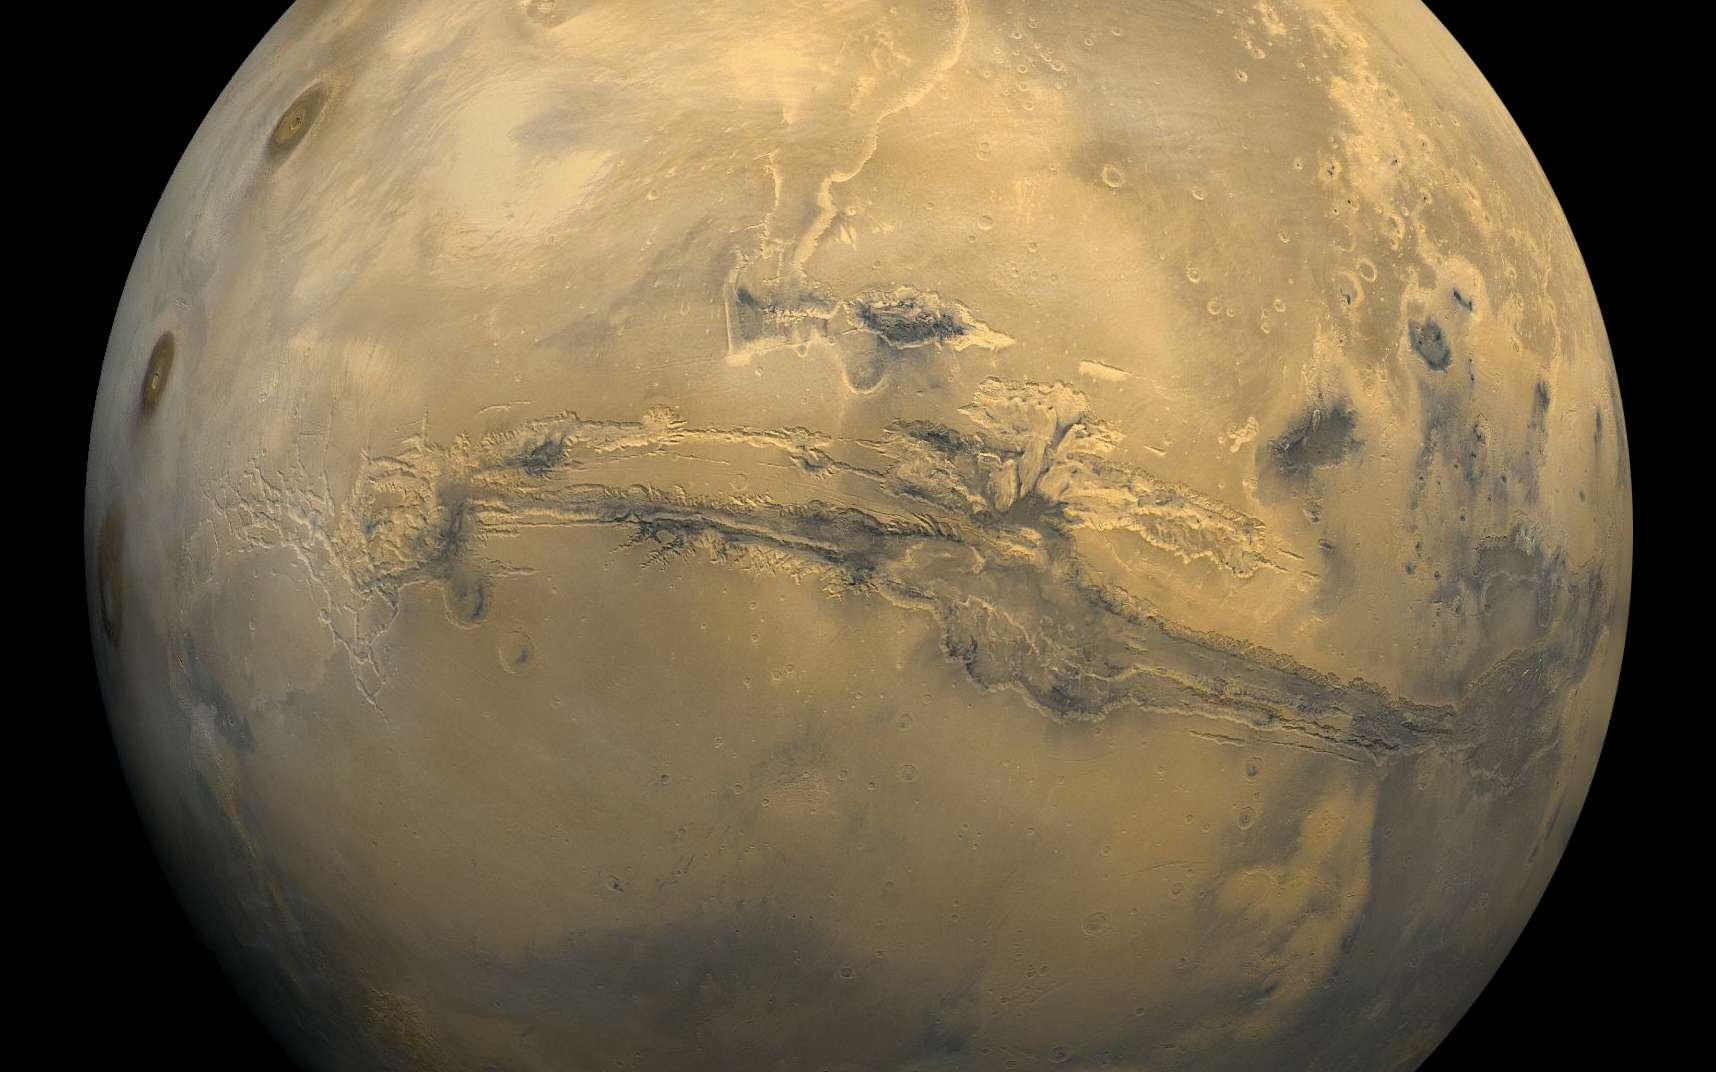 Une photo de la surface de Mars. La Planète rouge contient-elle les secrets de l'apparition de la vie dans l'univers ? © Nasa